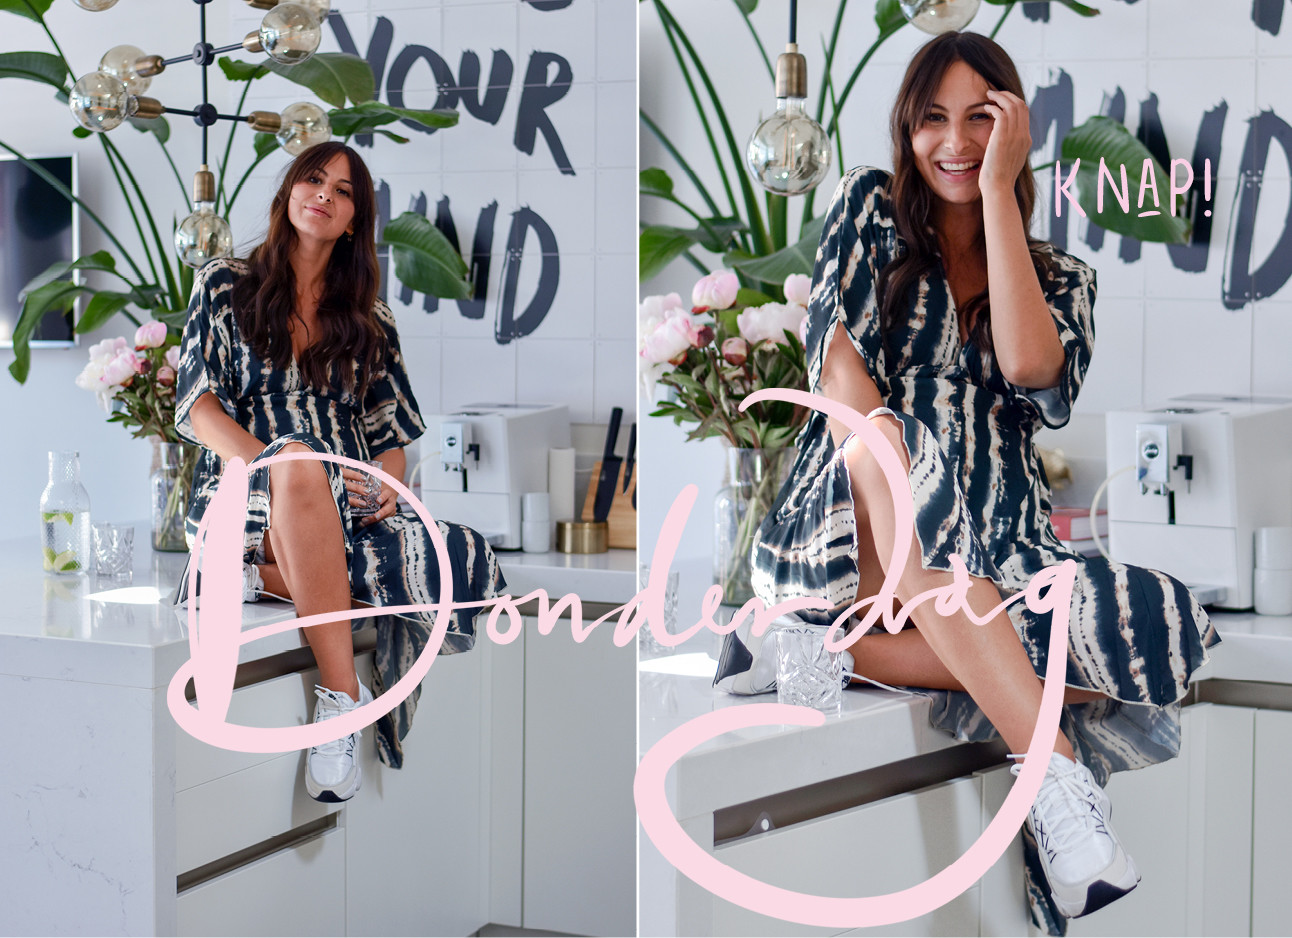 look of the day lilian brijl lachend in een zomers jurkje bij haar thuis in de keuken